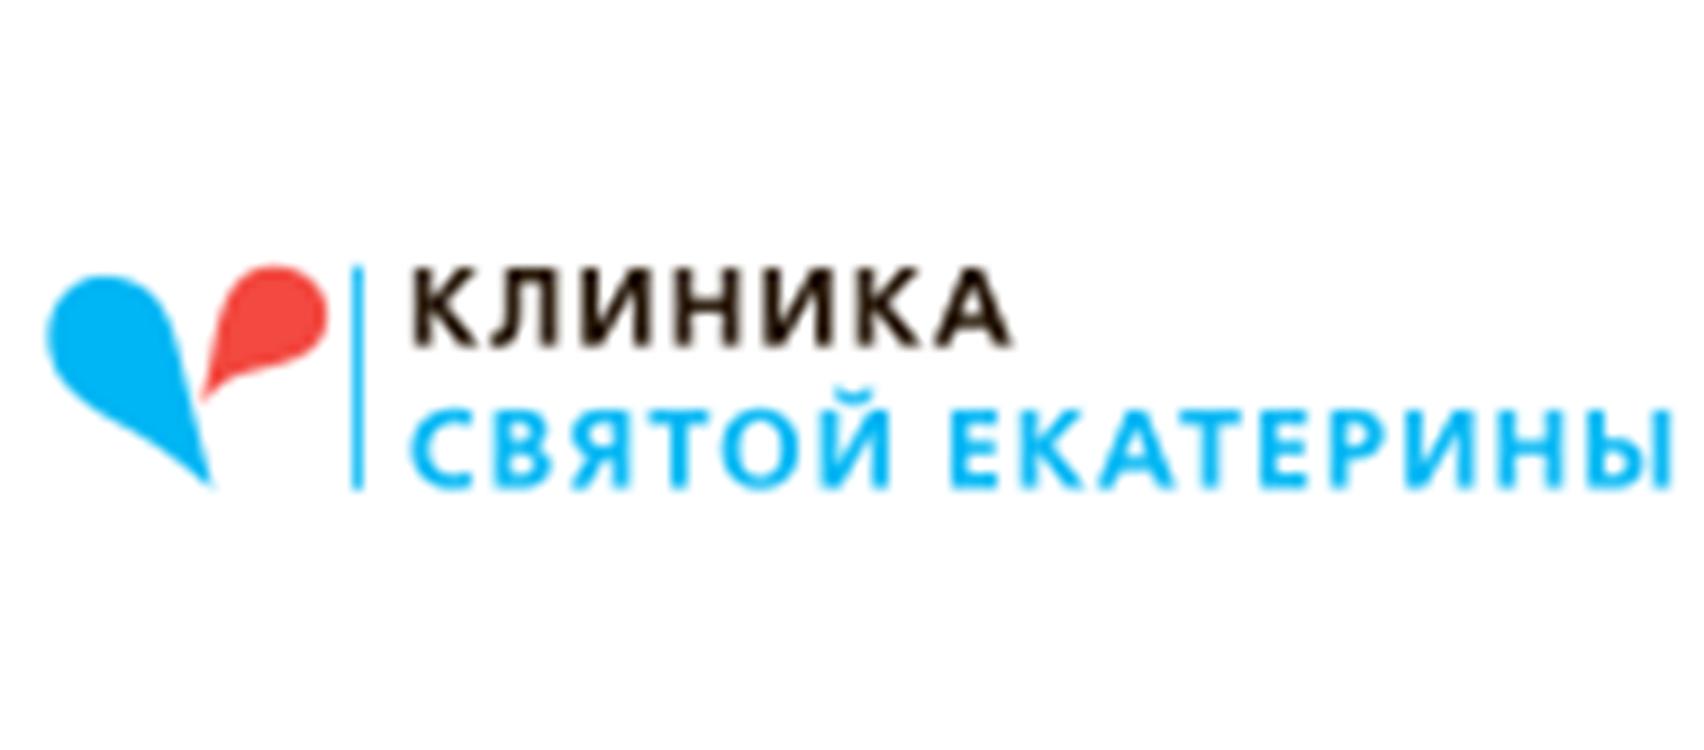 Святая Екатерина-Одесса 2